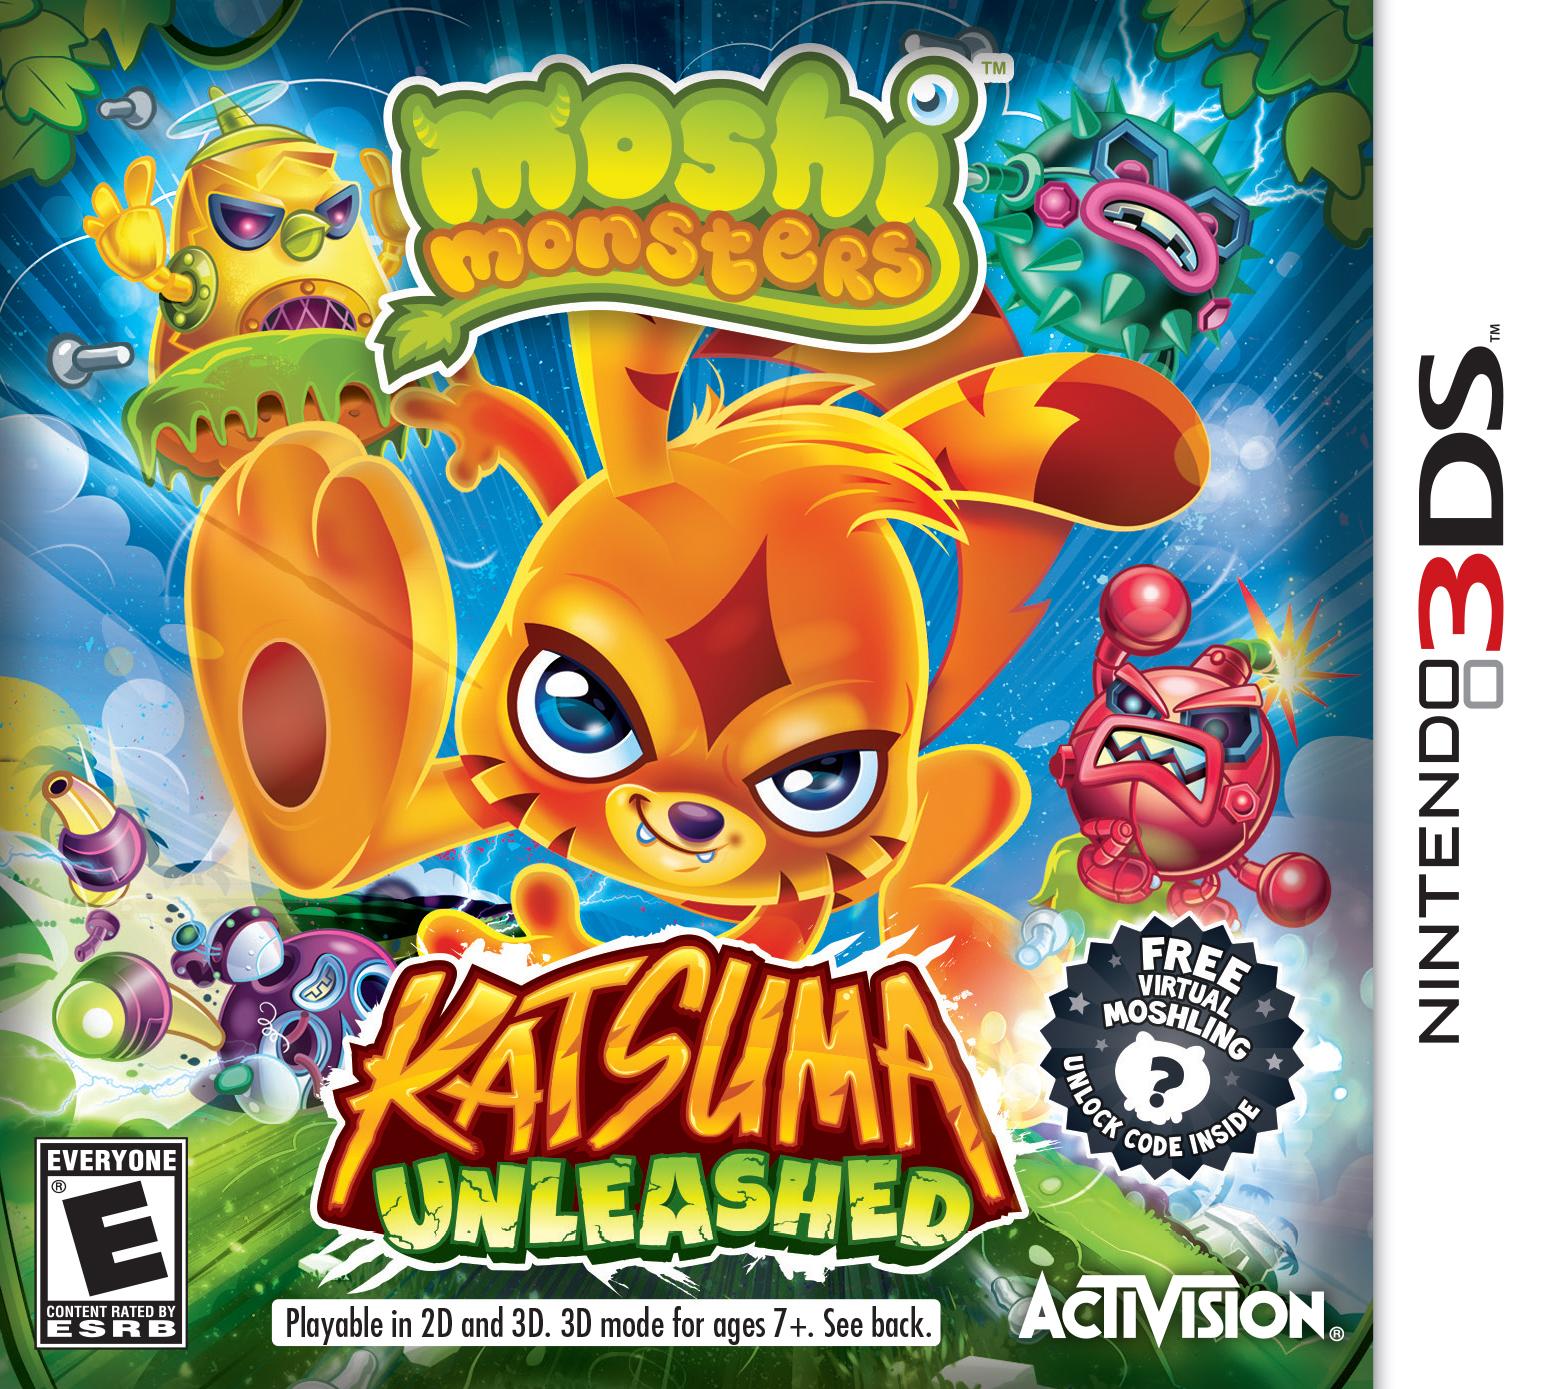 イギリスの子供向け仮想空間「Moshi Monsters」、10/11に3作目のコンシューマー向けソフト「Moshi Monsters: Katsuma Unleashed」をリリース